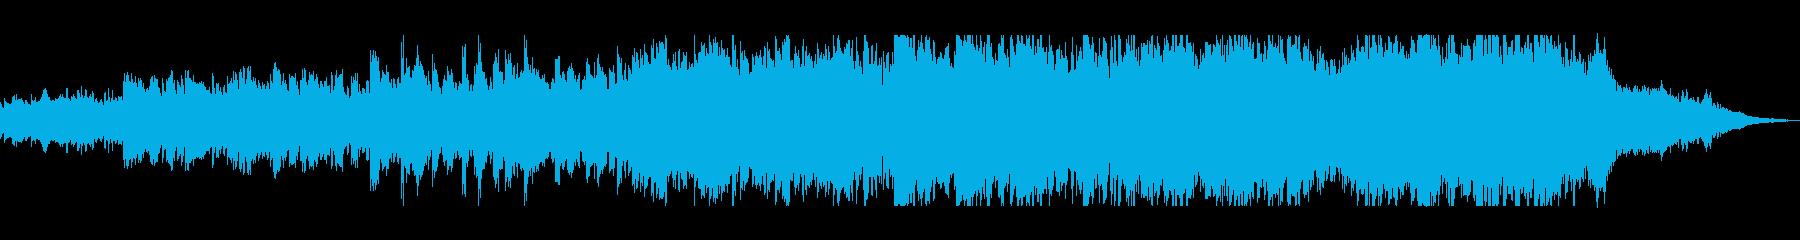 電子音とオーケストラのヒーリングの再生済みの波形